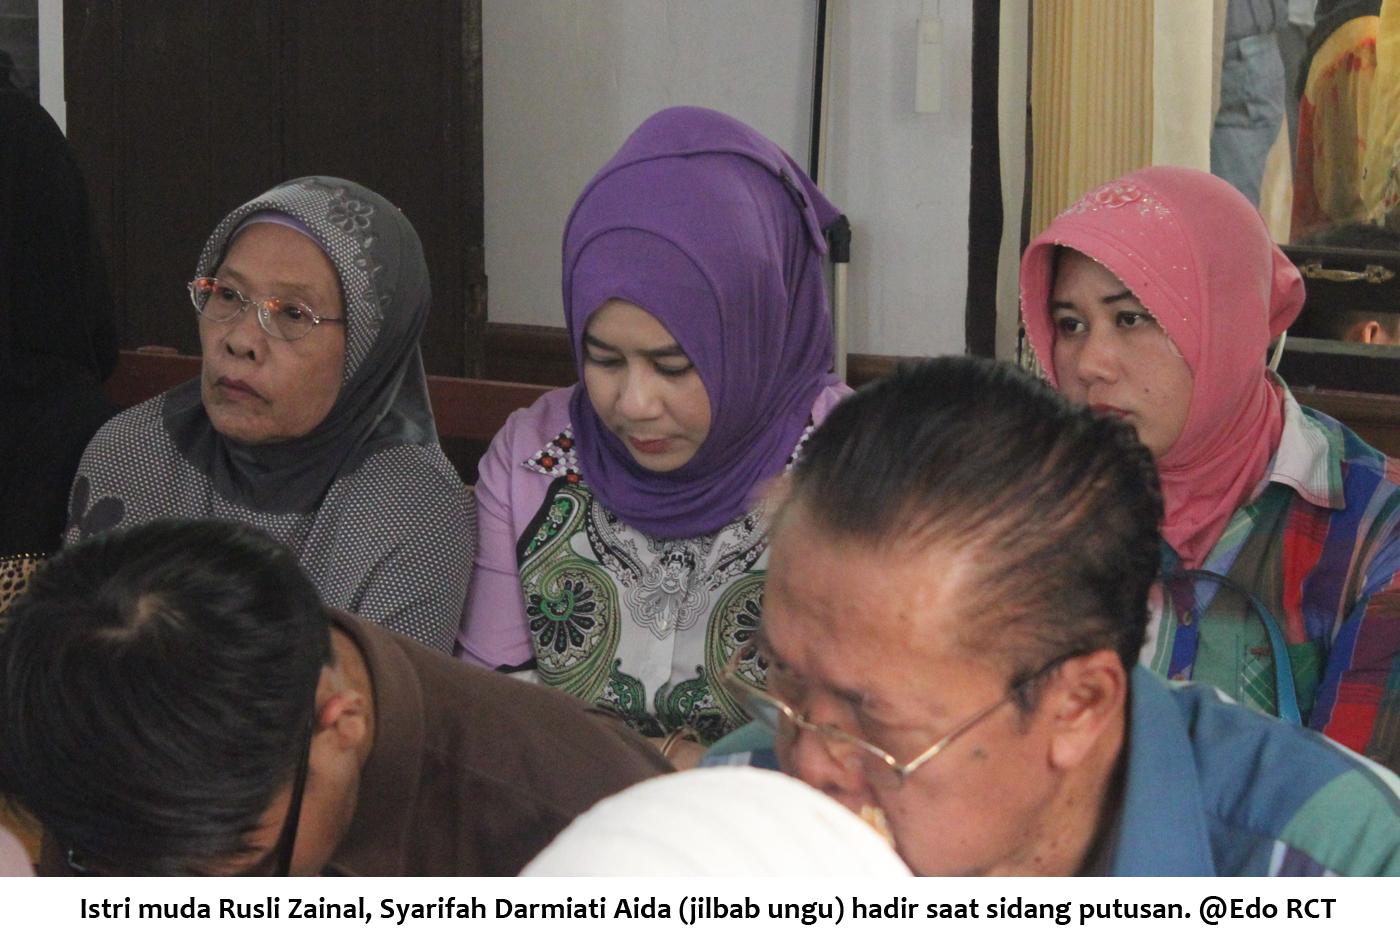 Istri muda RZ Syarifah hadir saat sidang putusan